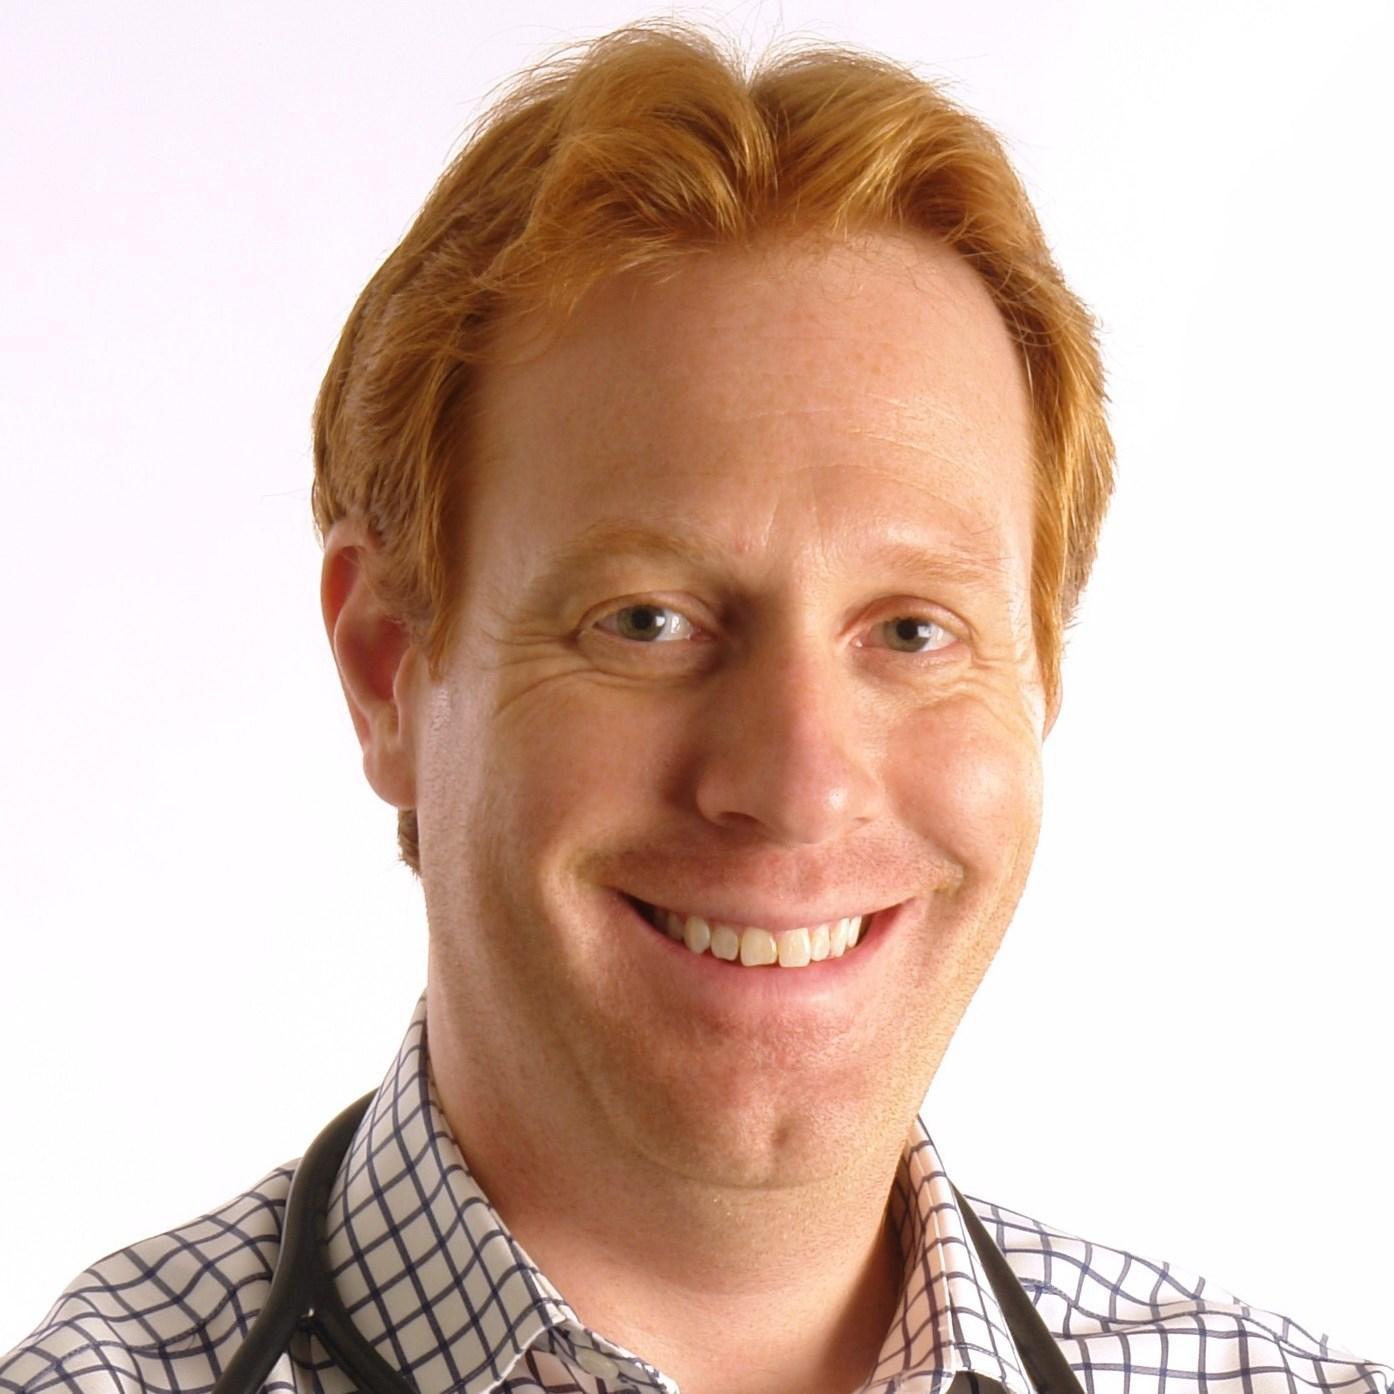 Jason Udell